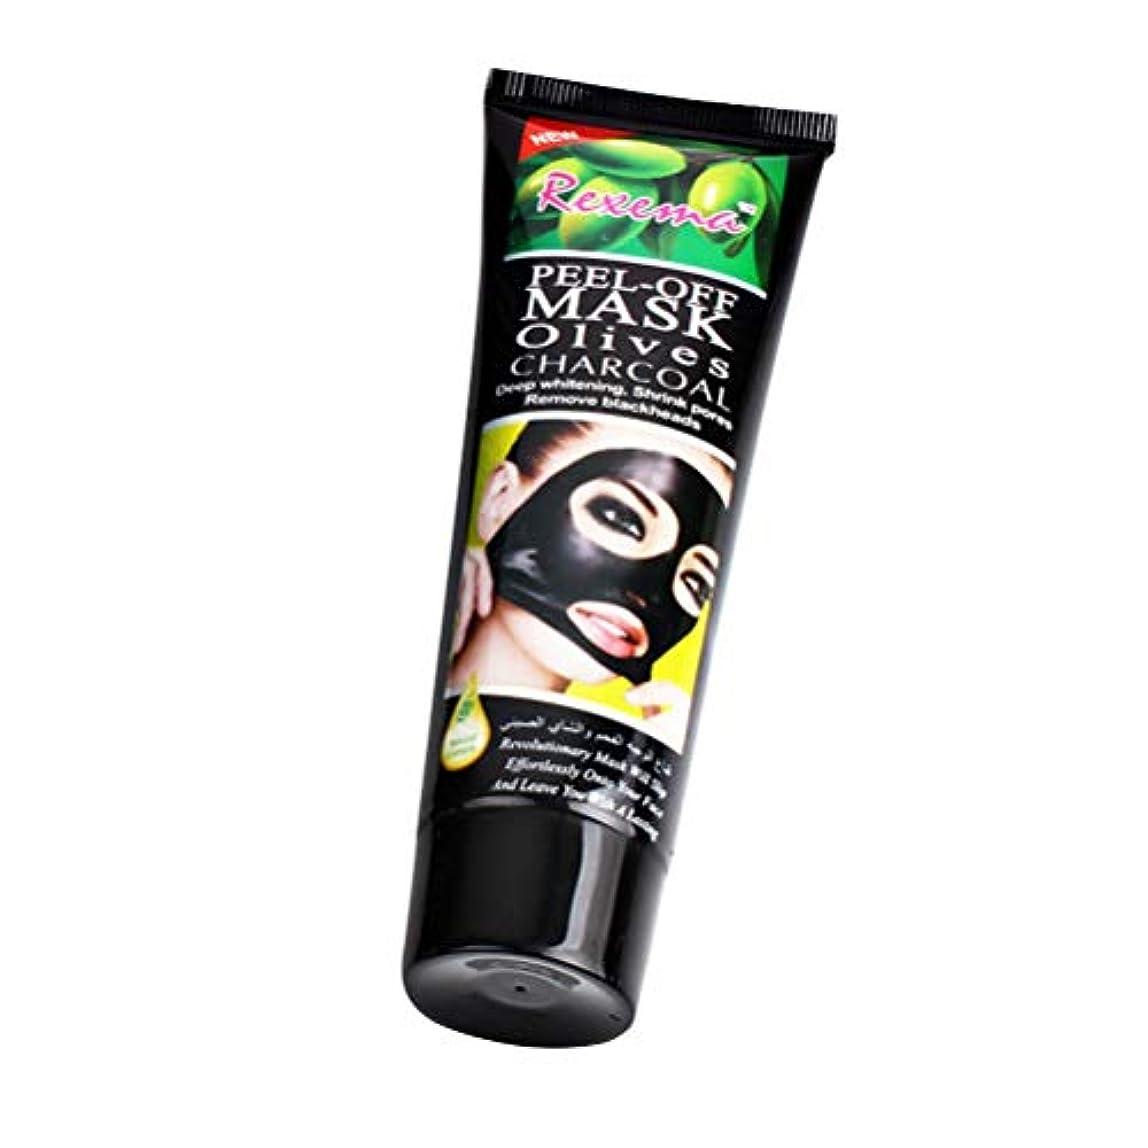 環境保護主義者巻き戻す星SUPVOX にきびの顔の毛穴の最小化装置の深い毛穴の浄化の処置のための自然なオリーブの顔のマスクの顔のマスクはしわのクリーニングおよび養う顔を減らします